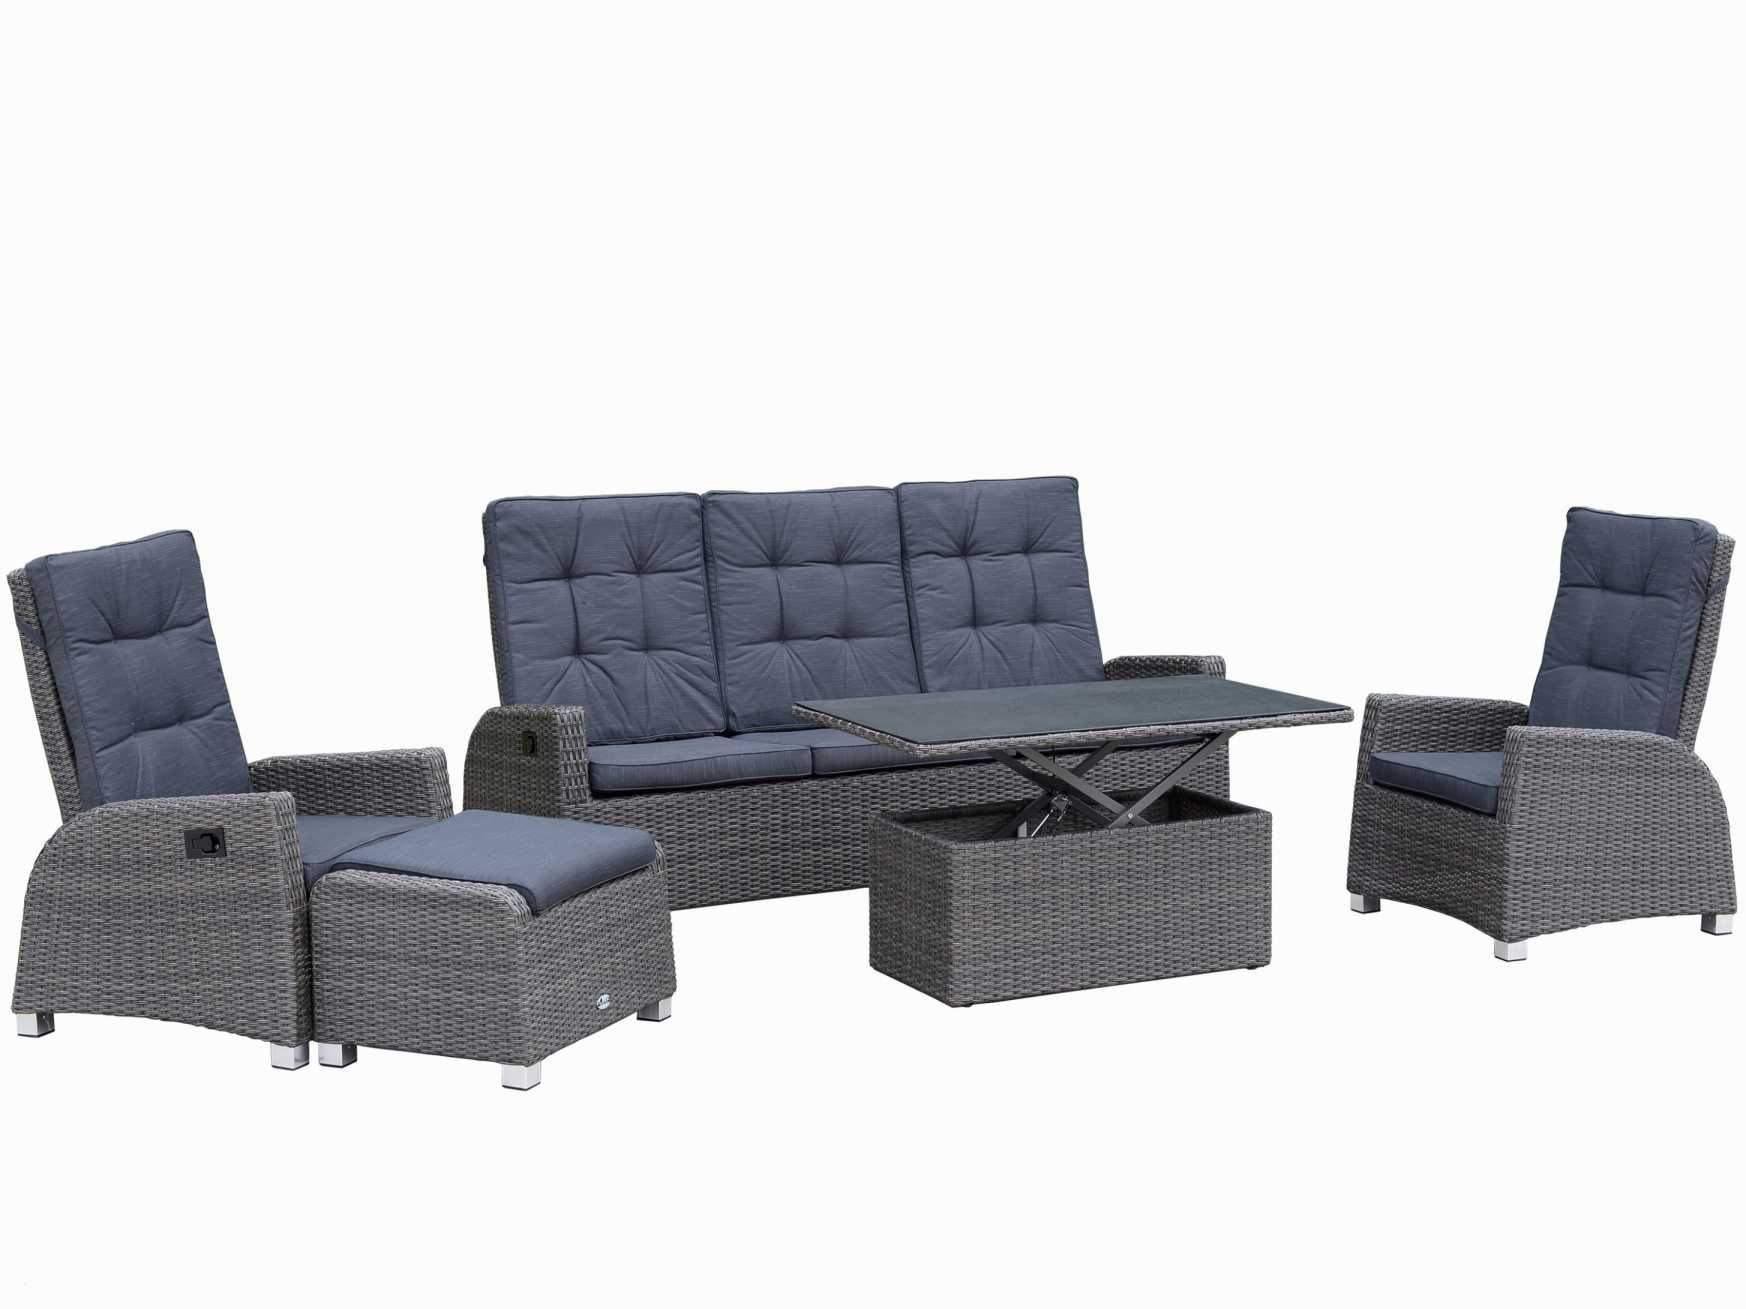 anordnung sofa wohnzimmer das beste von garten lounge sofa 40 beispiel of anordnung sofa wohnzimmer